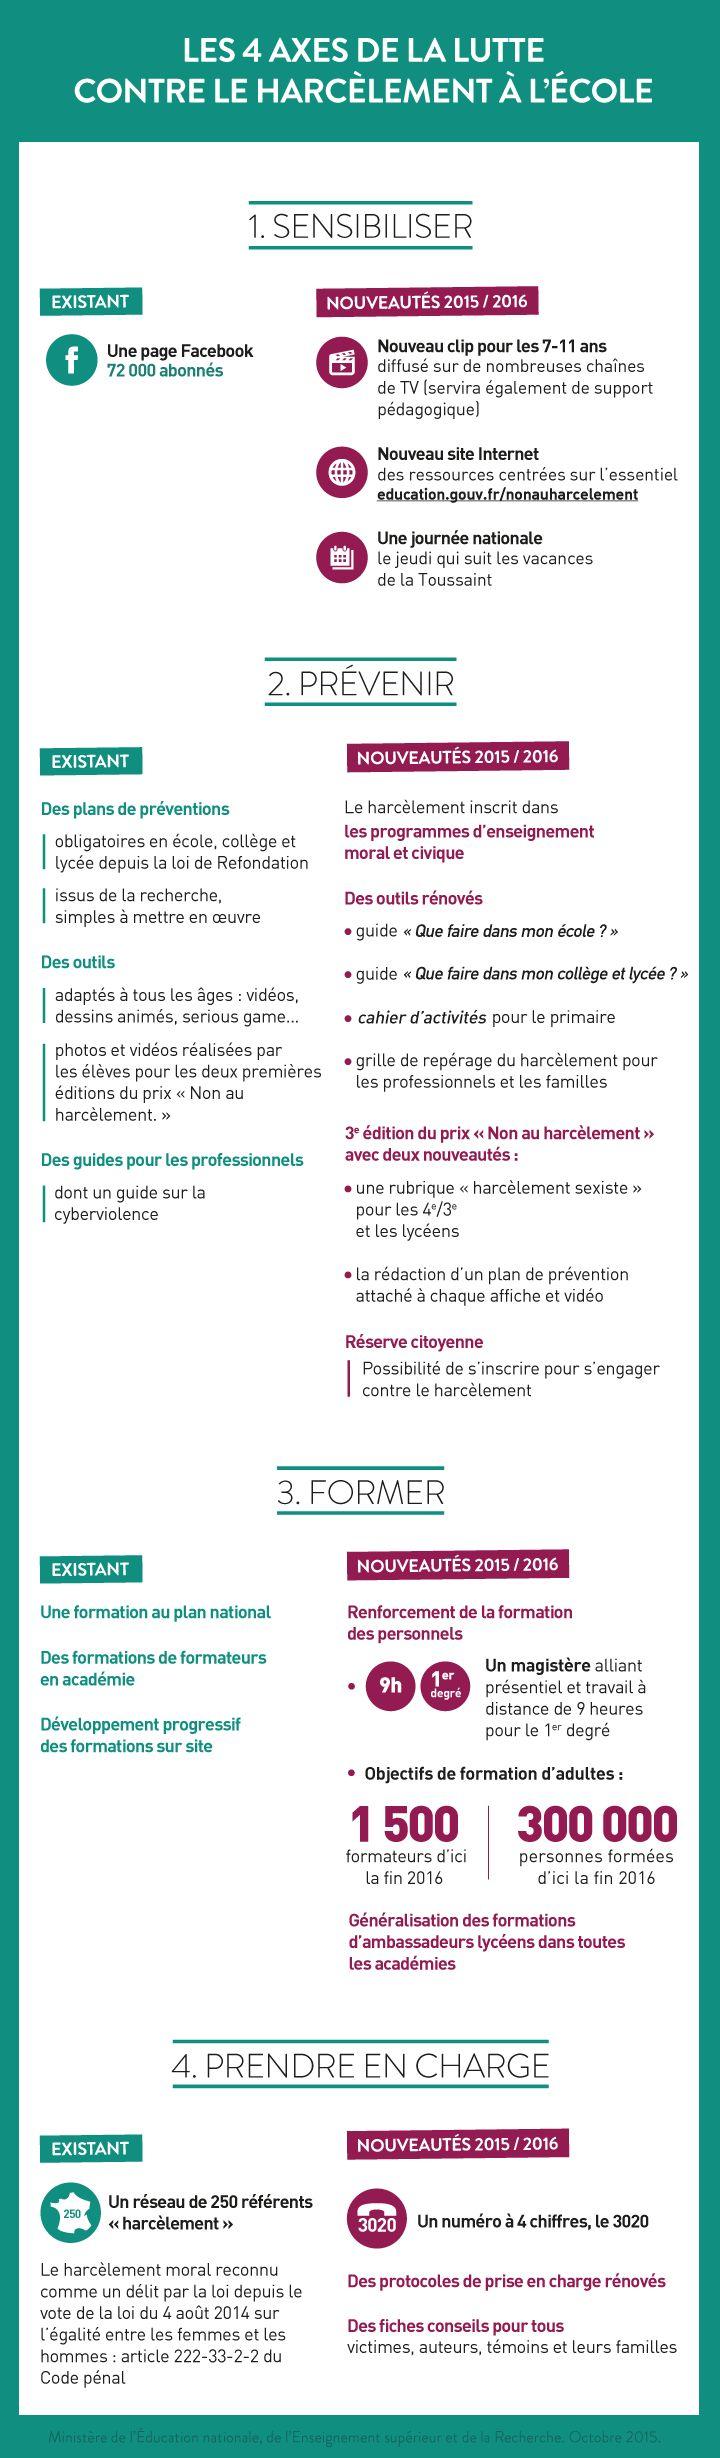 """Présentation de la première journée nationale """"Non au harcèlement"""" - Ministère de l'Éducation nationale, de l'Enseignement supérieur et de la Recherche"""